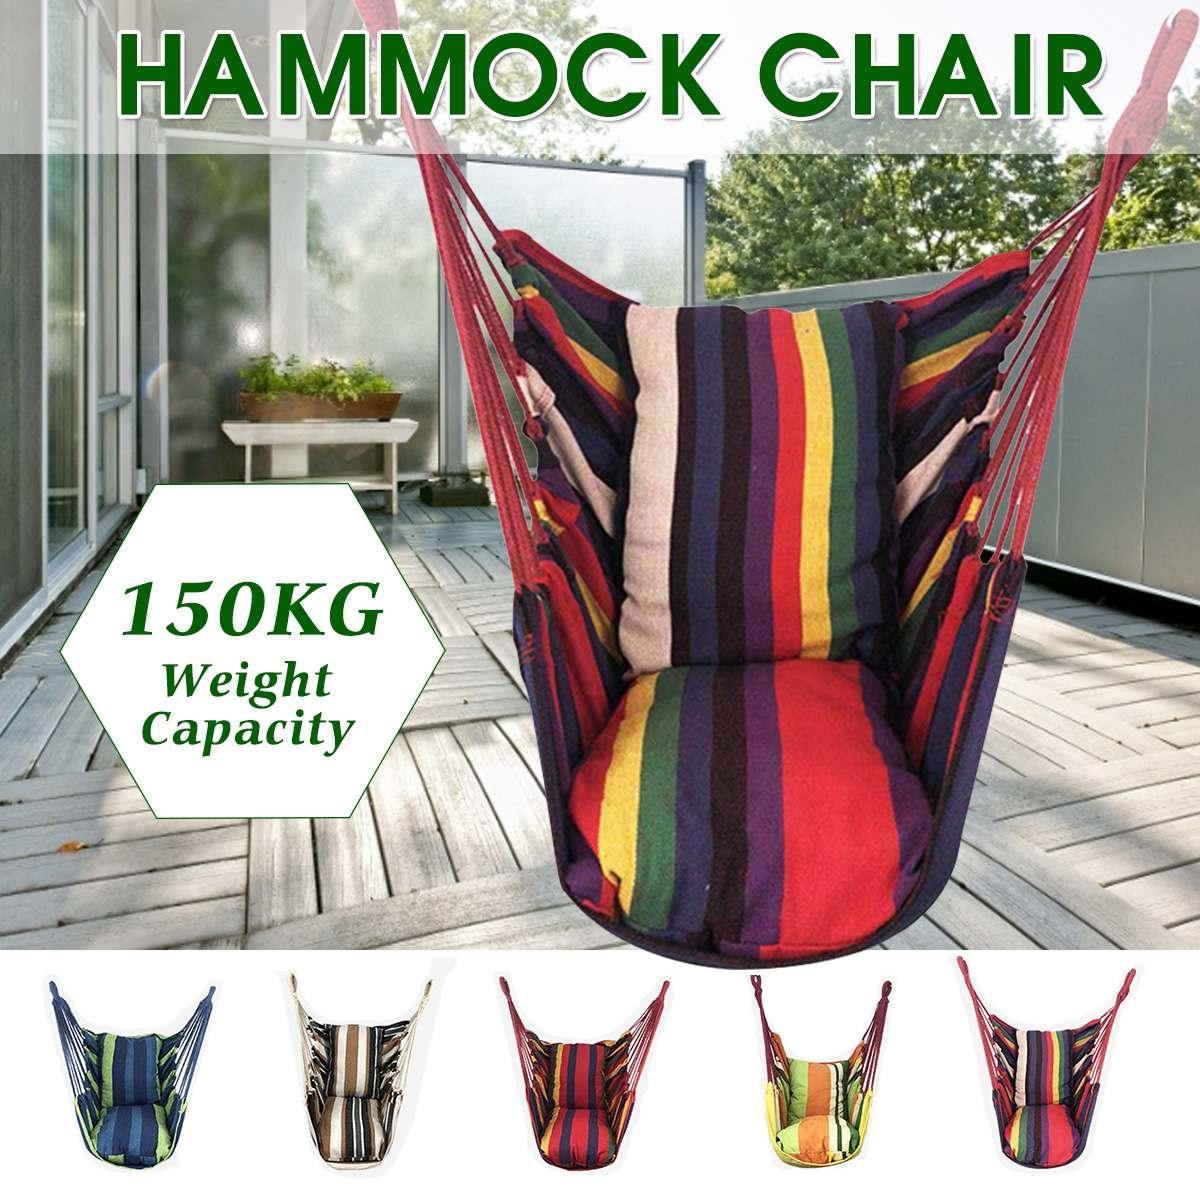 แบบพกพาเก้าอี้ Hammock แขวนเก้าอี้เชือก Swing เก้าอี้ที่นั่ง 2 หมอนสำหรับสวนในร่มกลางแจ้งแฟชั่นชิง...